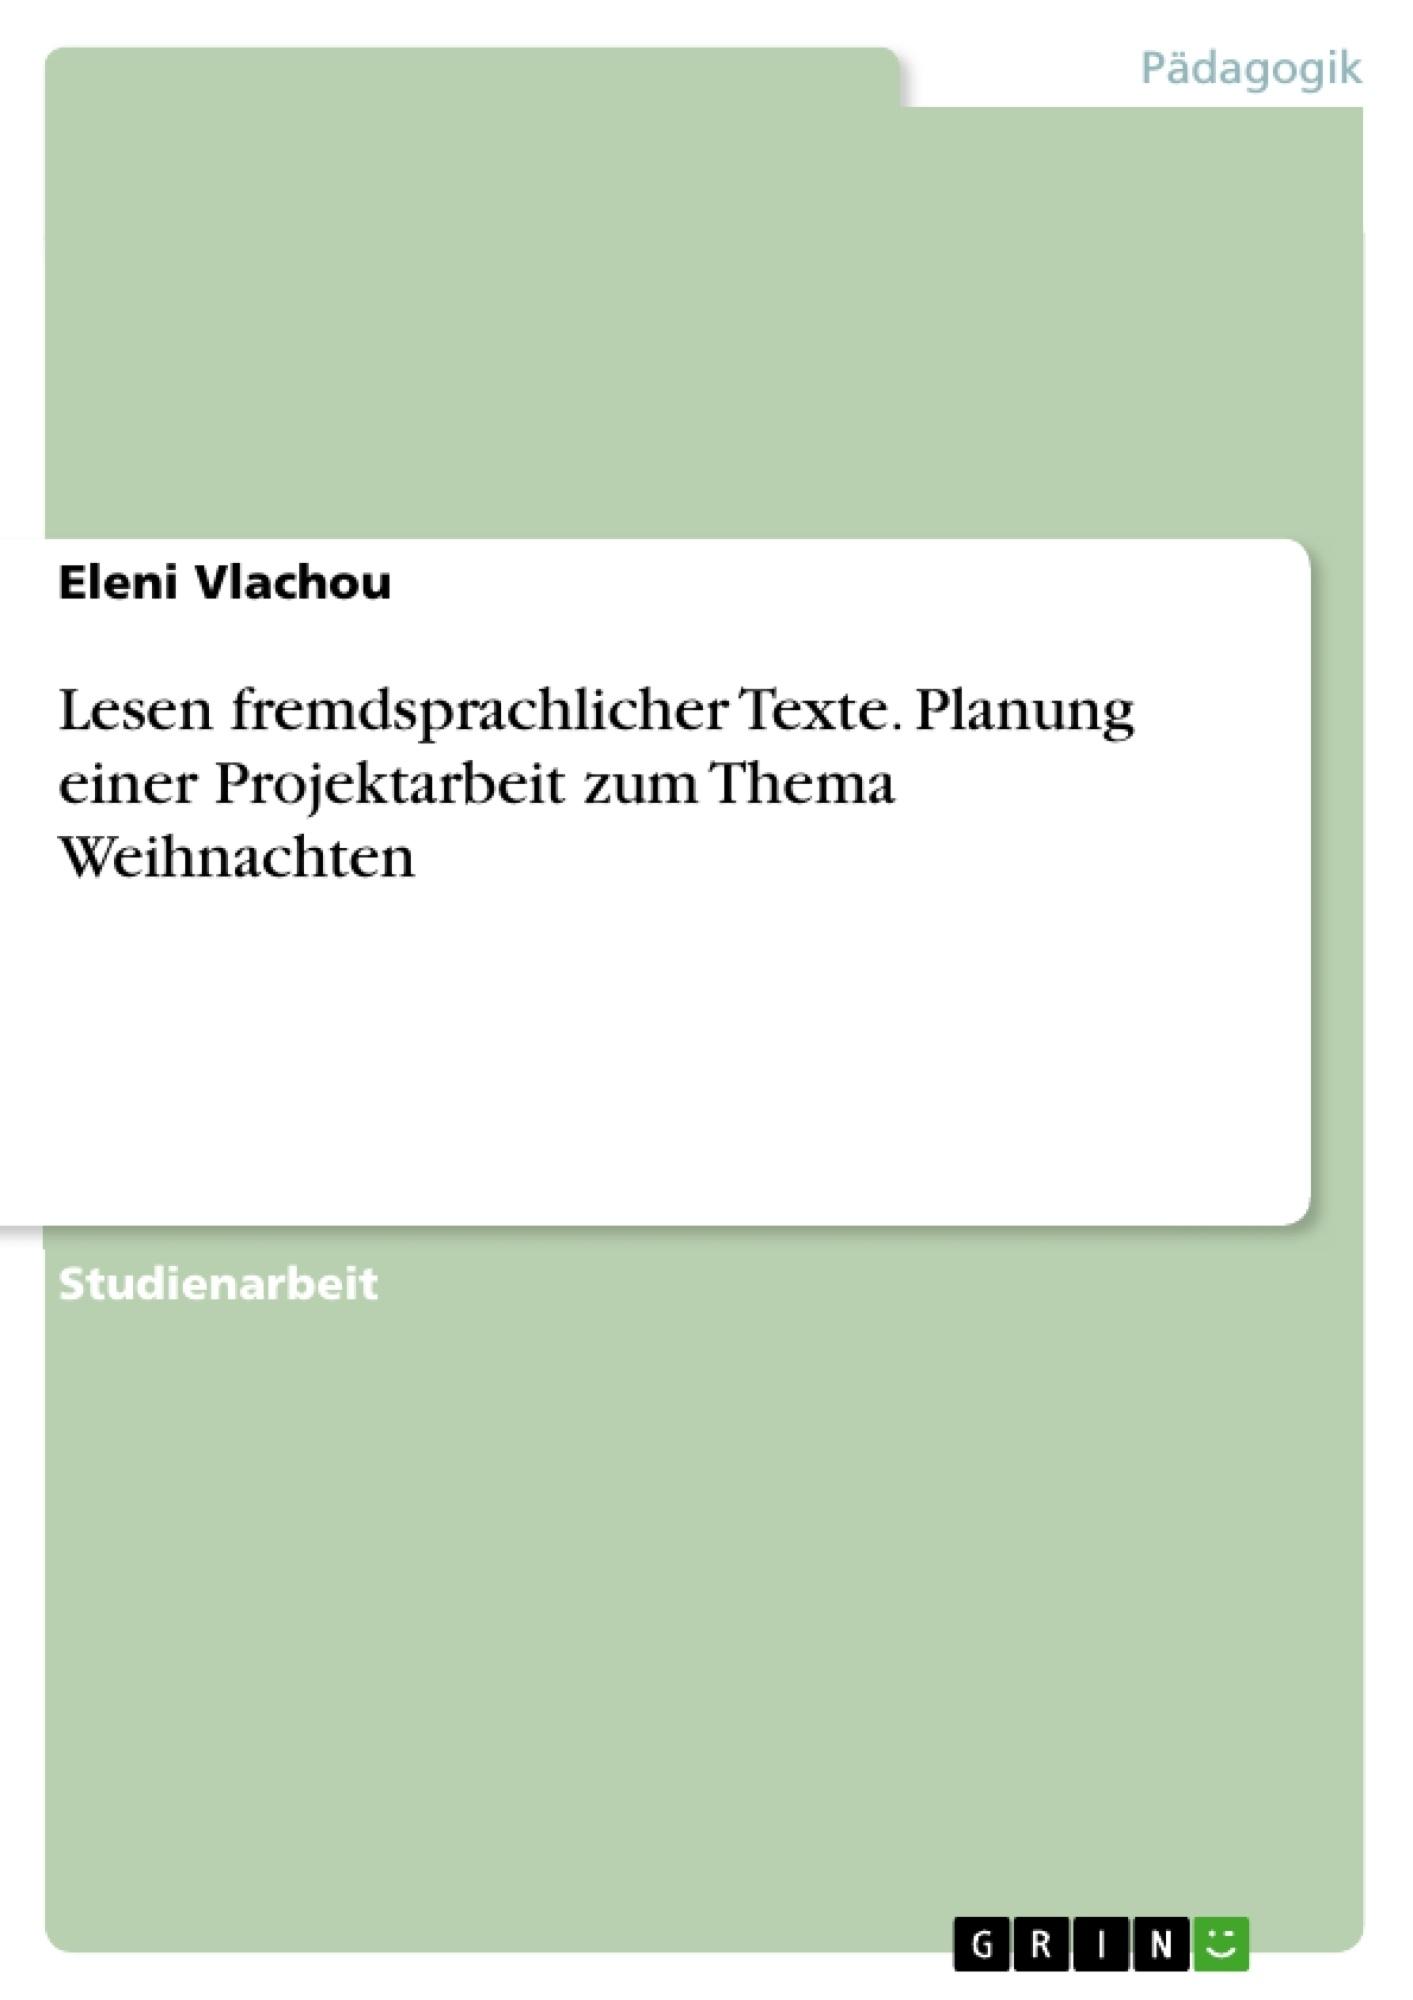 Titel: Lesen fremdsprachlicherTexte. Planung einer Projektarbeit zum Thema Weihnachten